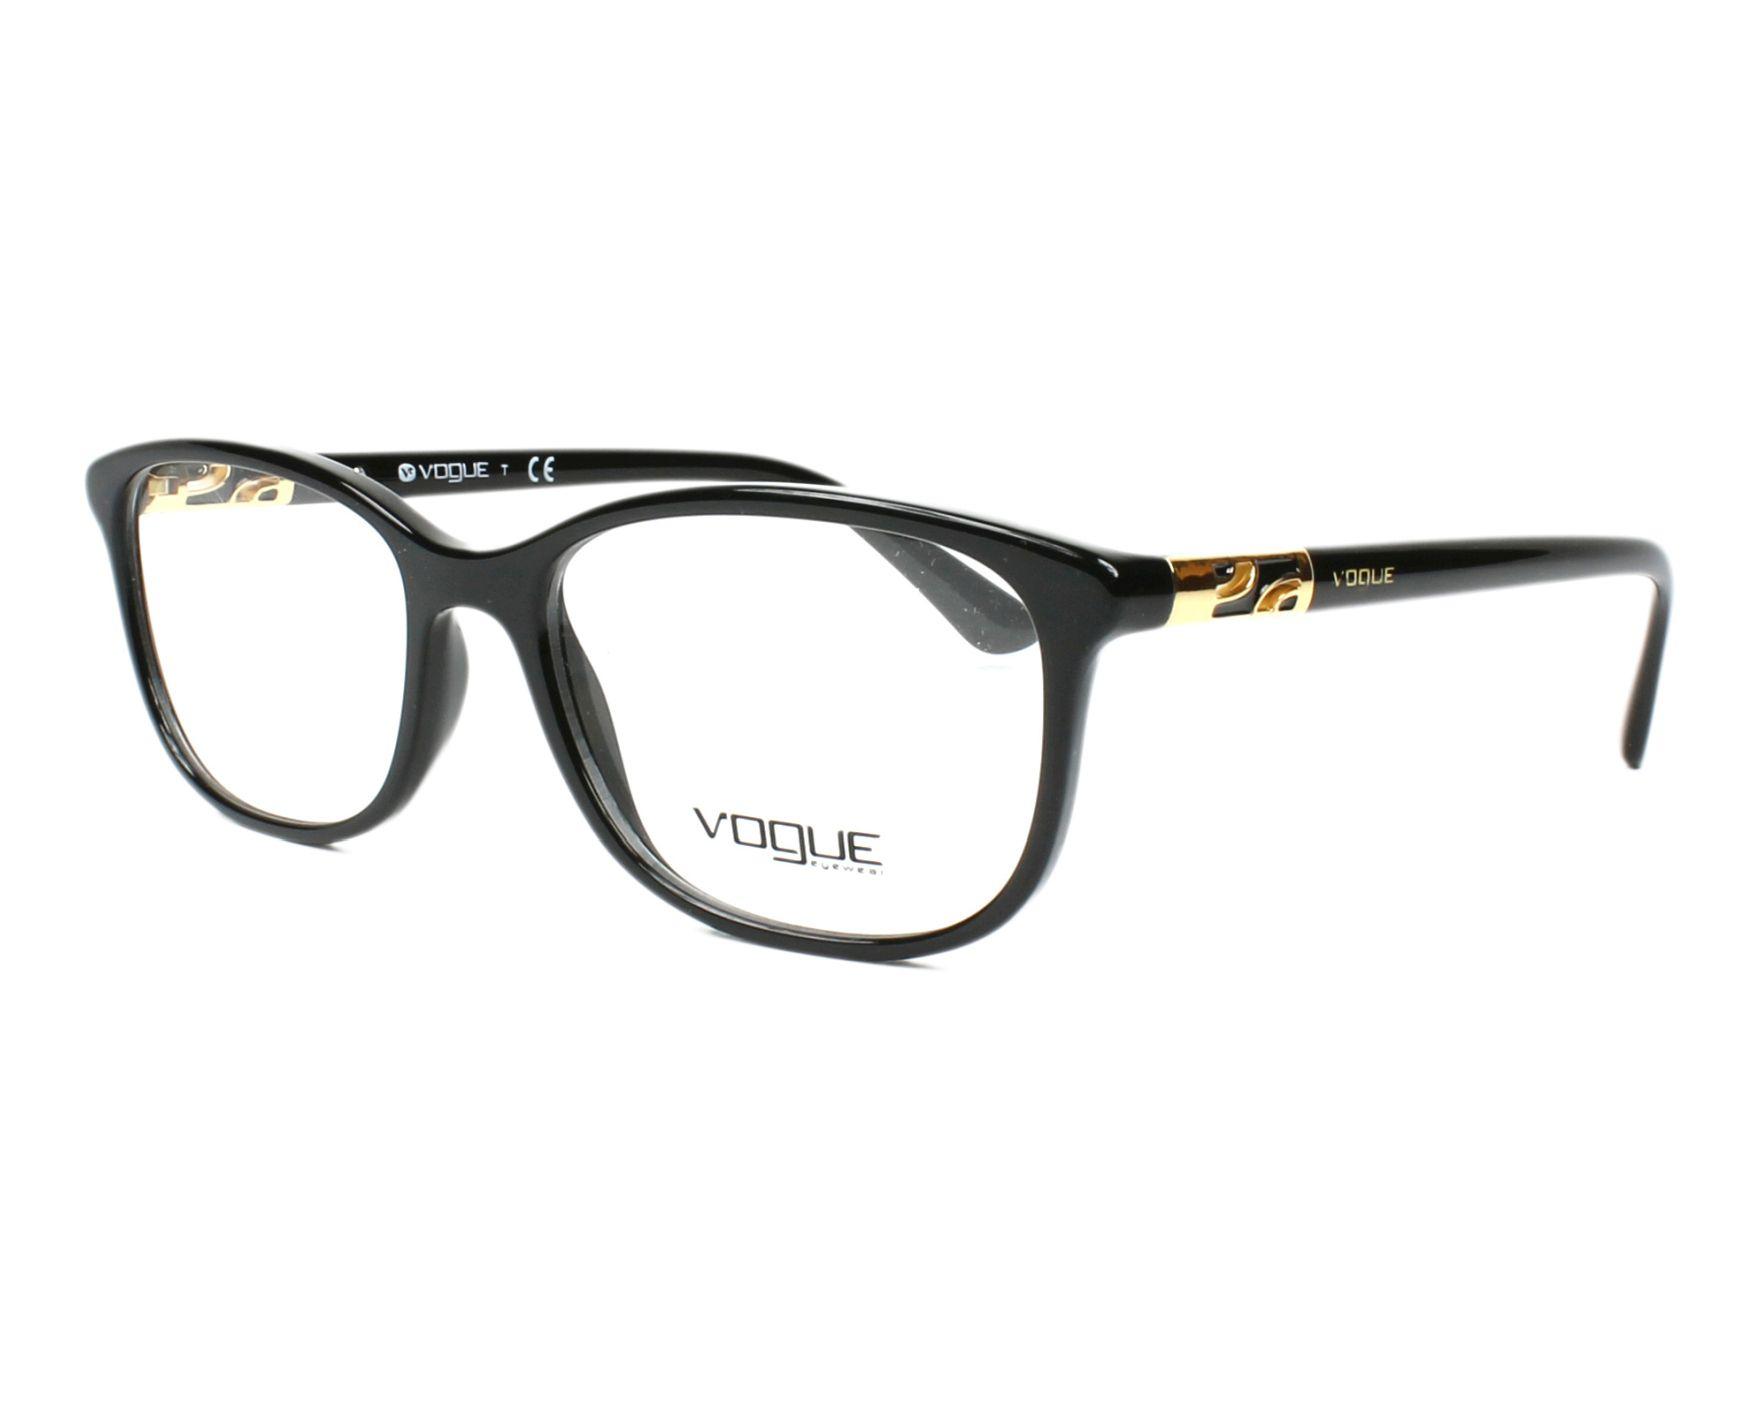 addbd9e880 Lunettes de vue Vogue VO-5163 W44 51-16 Noir Or vue de profil